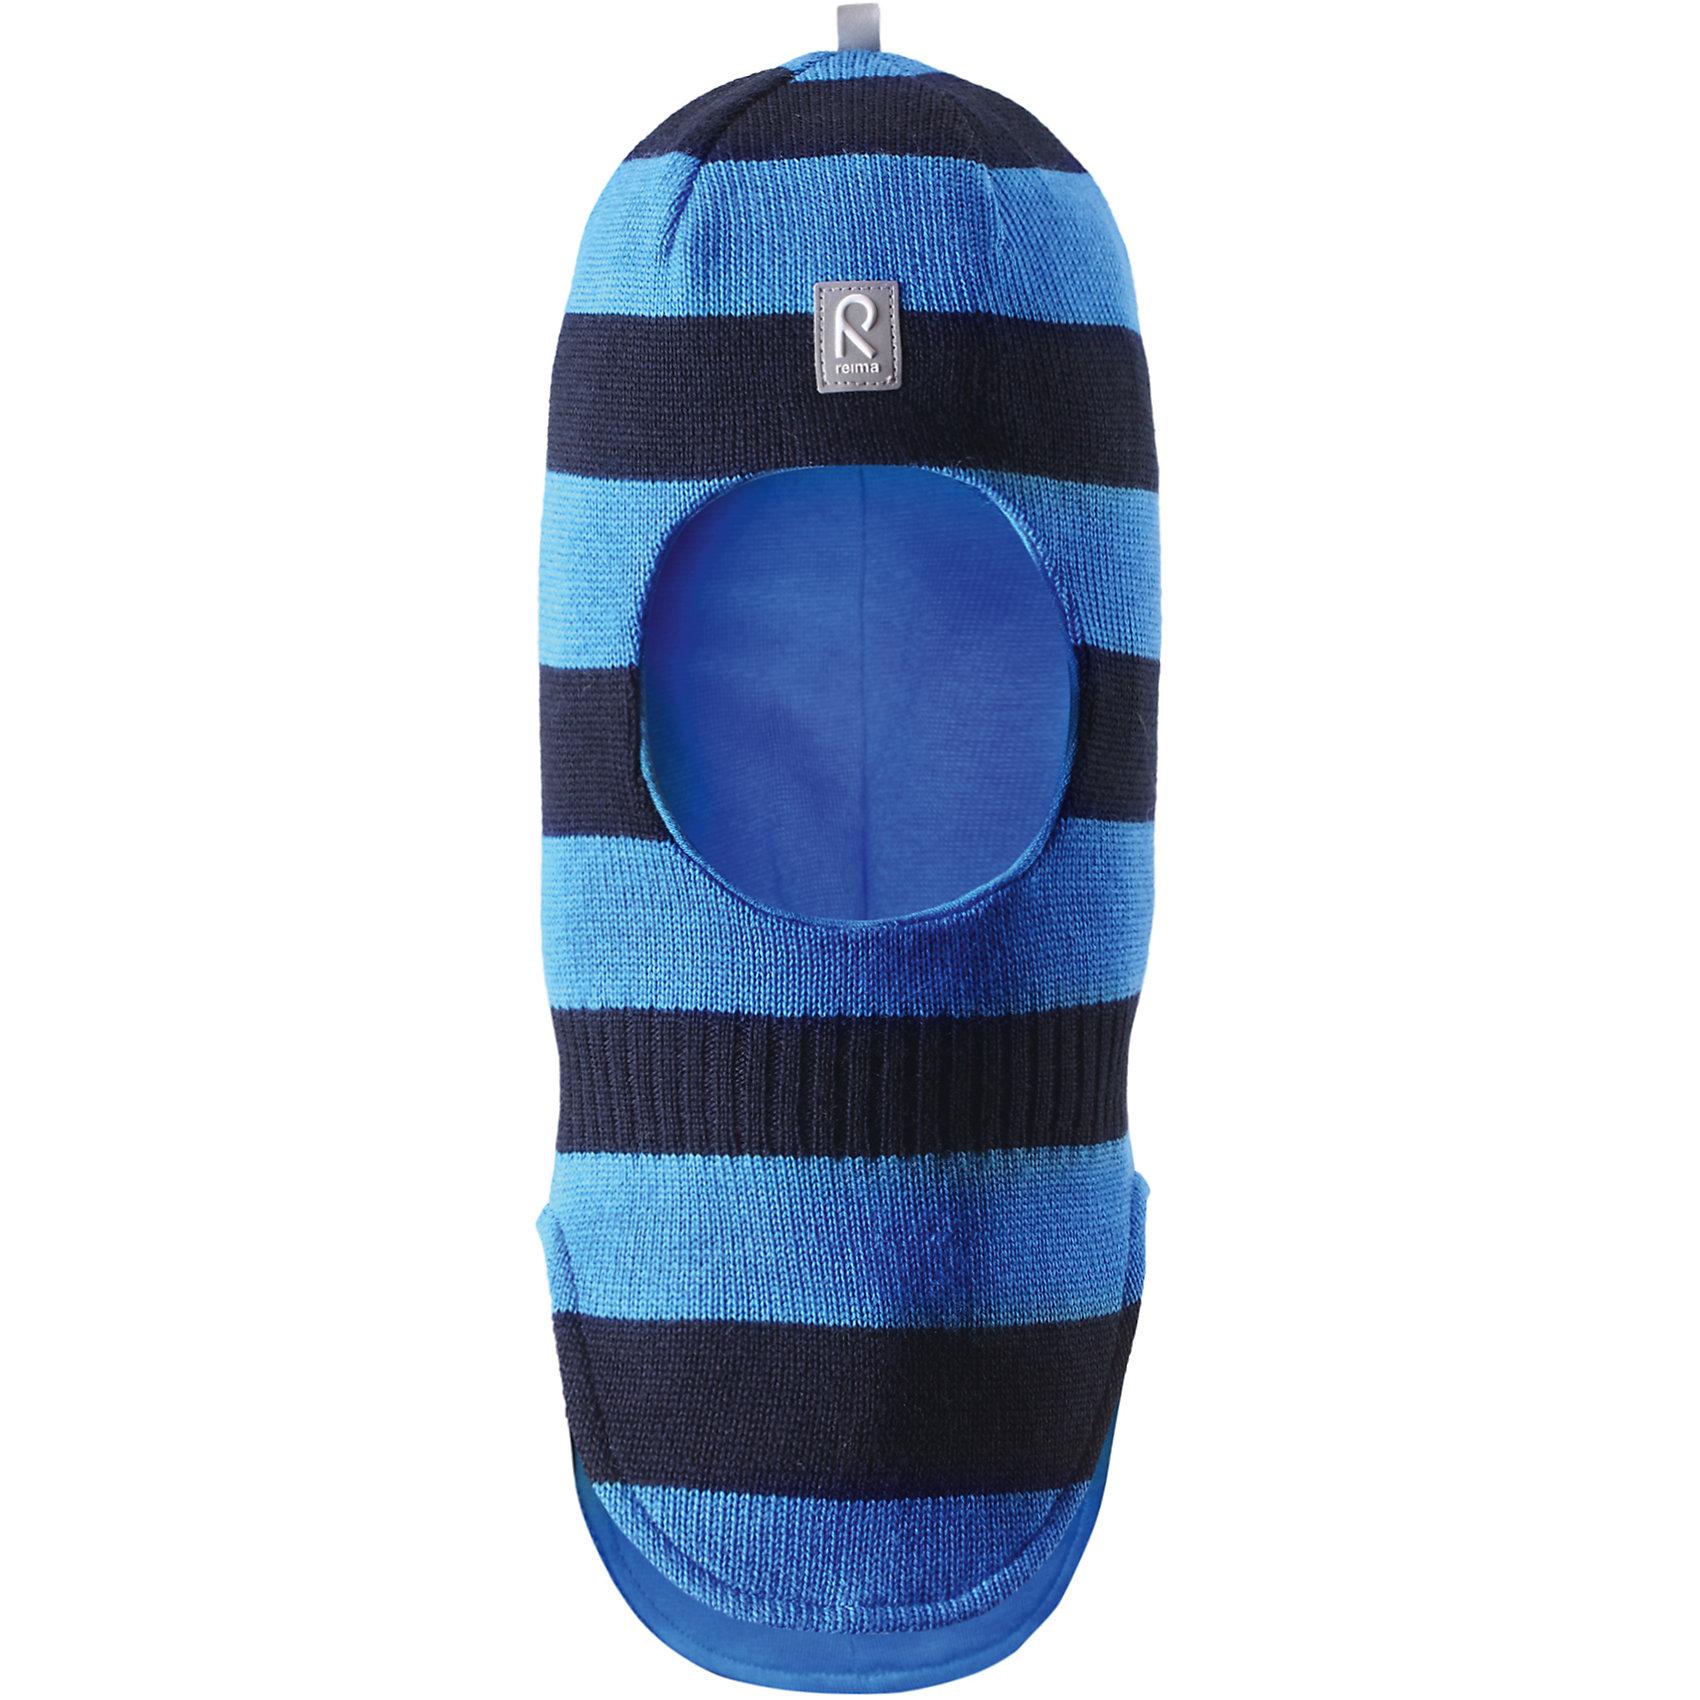 Шапка-шлем Starrie для мальчика ReimaШапочки<br>Шапка  Reima<br>Шапка-шлем для малышей. Мягкая ткань из мериносовой шерсти для поддержания идеальной температуры тела. Теплая шерстяная вязка (волокно). Товар сертифицирован Oeko-Tex, класс 1, одежда для малышей. Ветронепроницаемые вставки в области ушей. Мягкая подкладка из хлопка и эластана. Светоотражающий элемент спереди.<br>Уход:<br>Стирать по отдельности, вывернув наизнанку. Придать первоначальную форму вo влажном виде. Возможна усадка 5 %.<br>Состав:<br>100% Шерсть<br><br>Ширина мм: 89<br>Глубина мм: 117<br>Высота мм: 44<br>Вес г: 155<br>Цвет: голубой<br>Возраст от месяцев: 6<br>Возраст до месяцев: 9<br>Пол: Мужской<br>Возраст: Детский<br>Размер: 46,52,48,54,50<br>SKU: 4775684